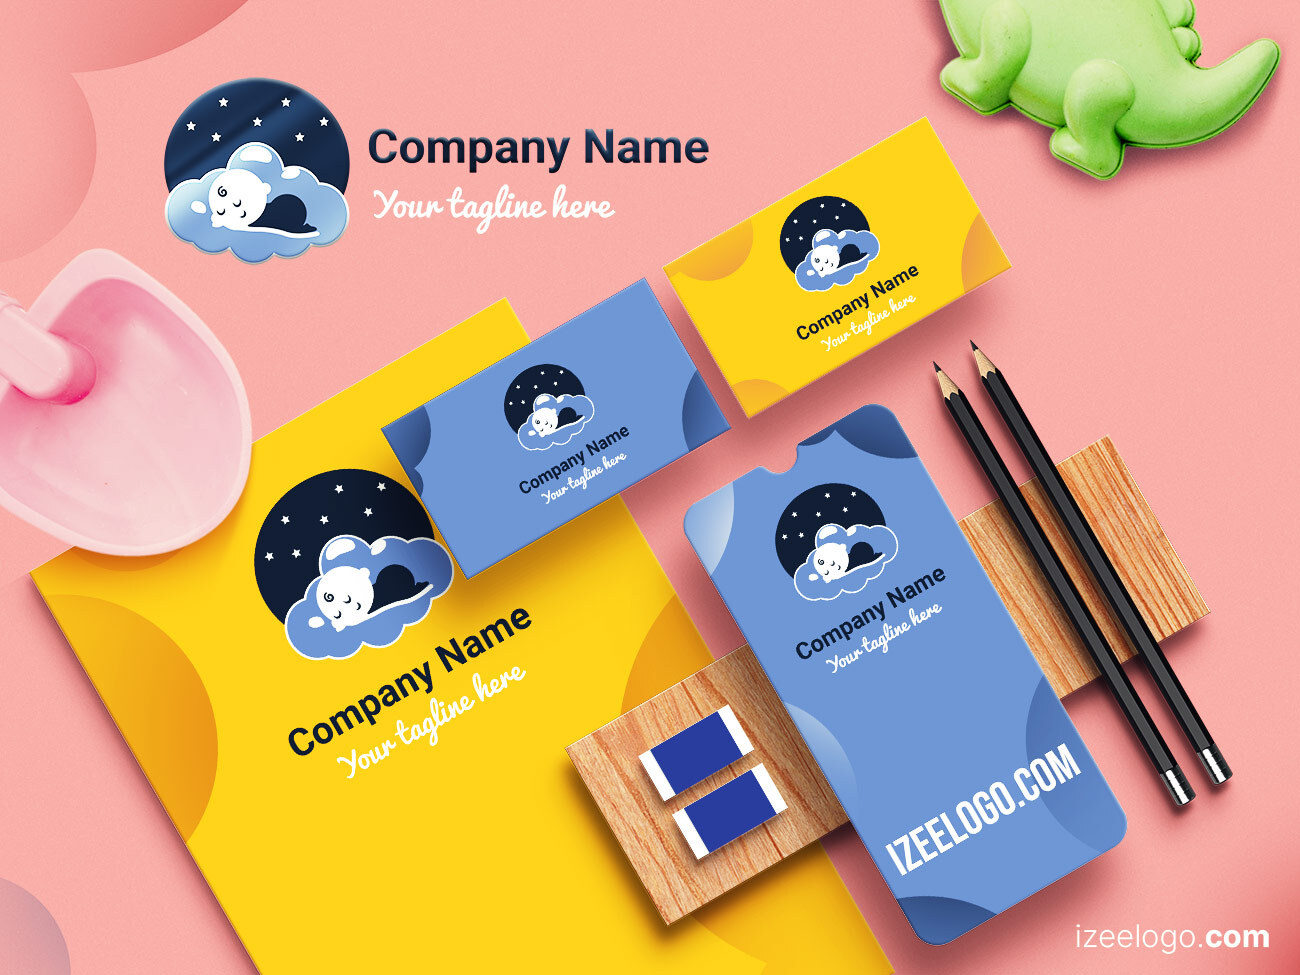 Branding de guardería: Crea tu logo de guardería. Diseño de logos originales, modernos y creativos.